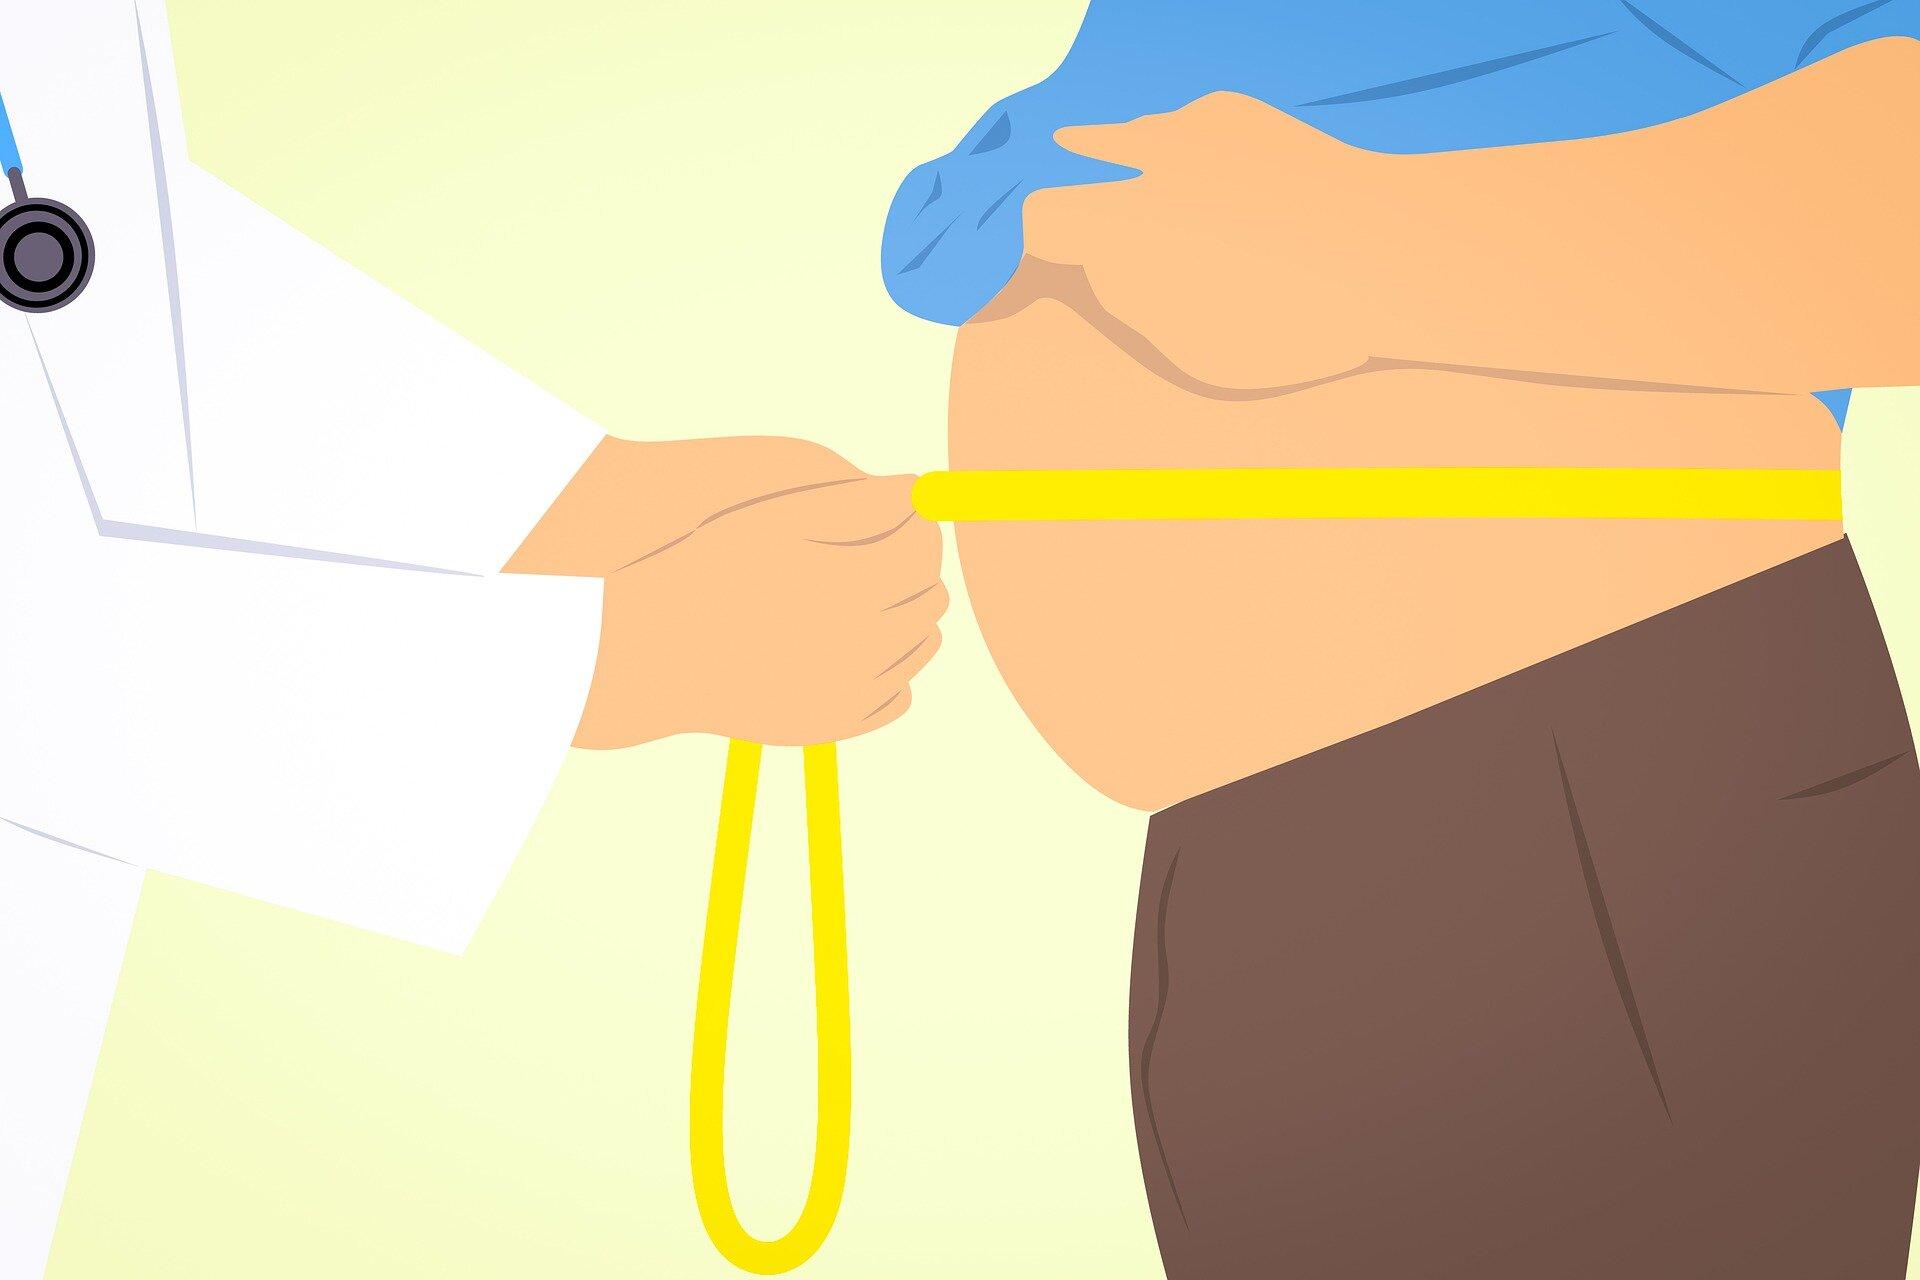 Die Psychologie kann helfen, Patienten zu schlagen, problem der Fettleibigkeit, sagt die Expertin